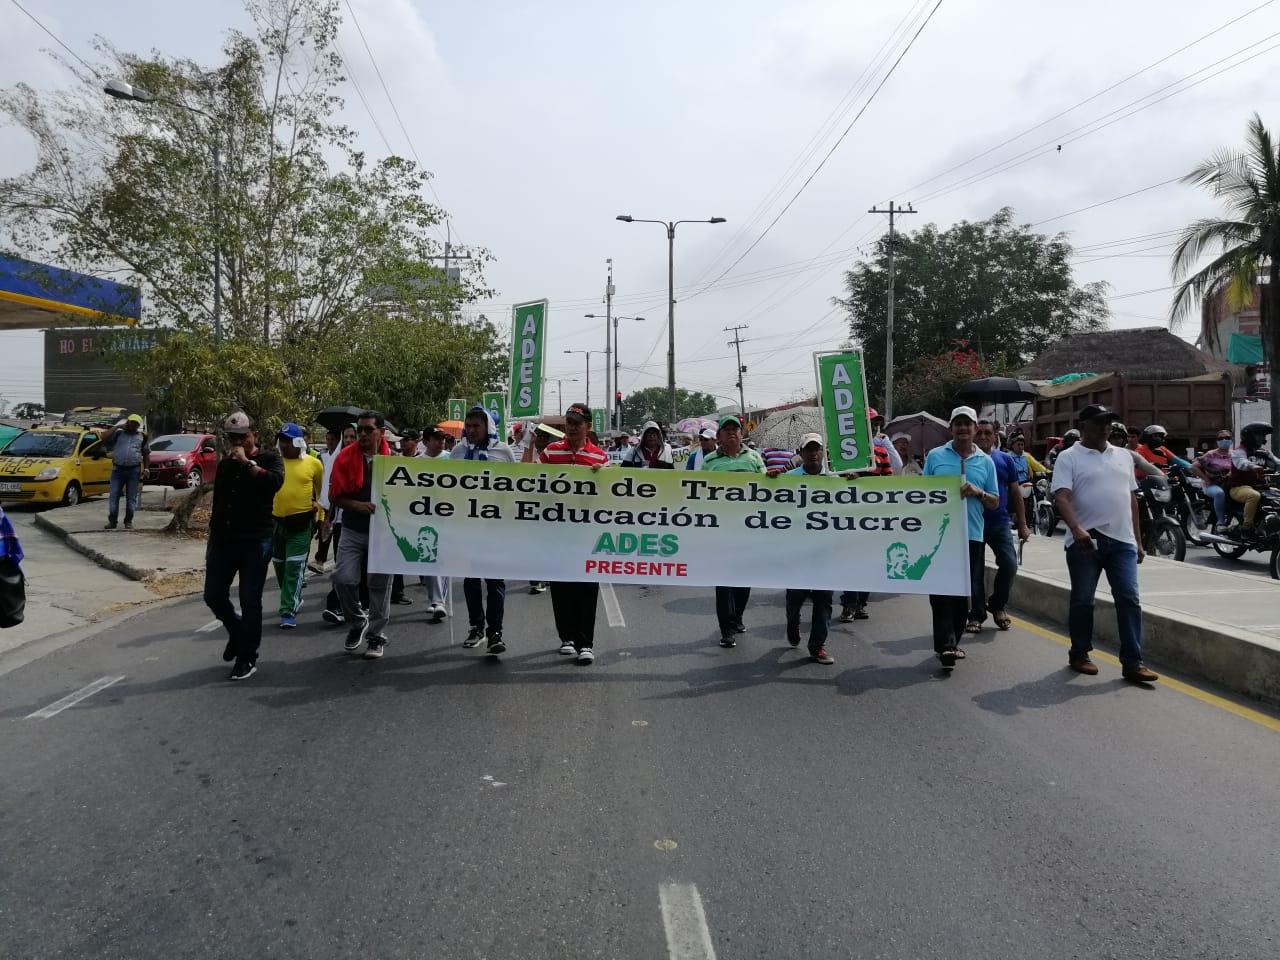 Protestas de profesores en Sincelejo.